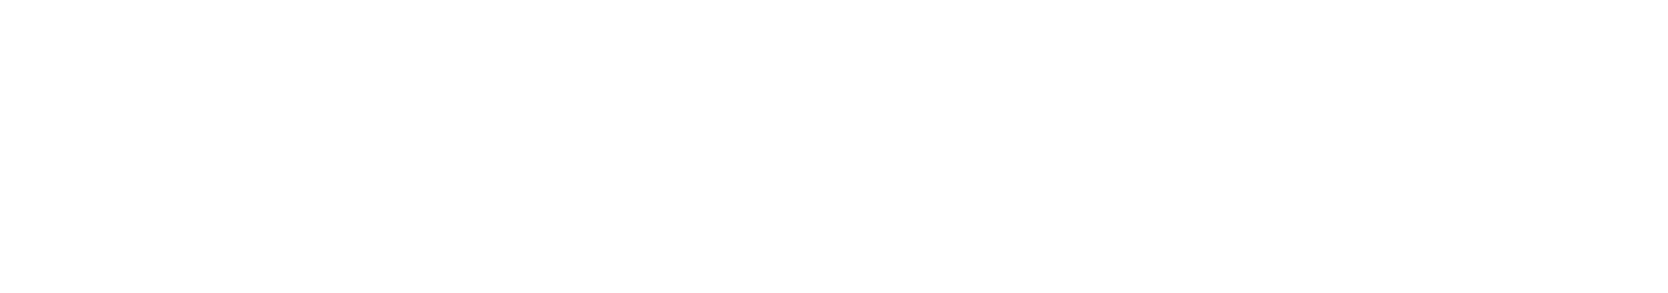 sge-logo-header-white